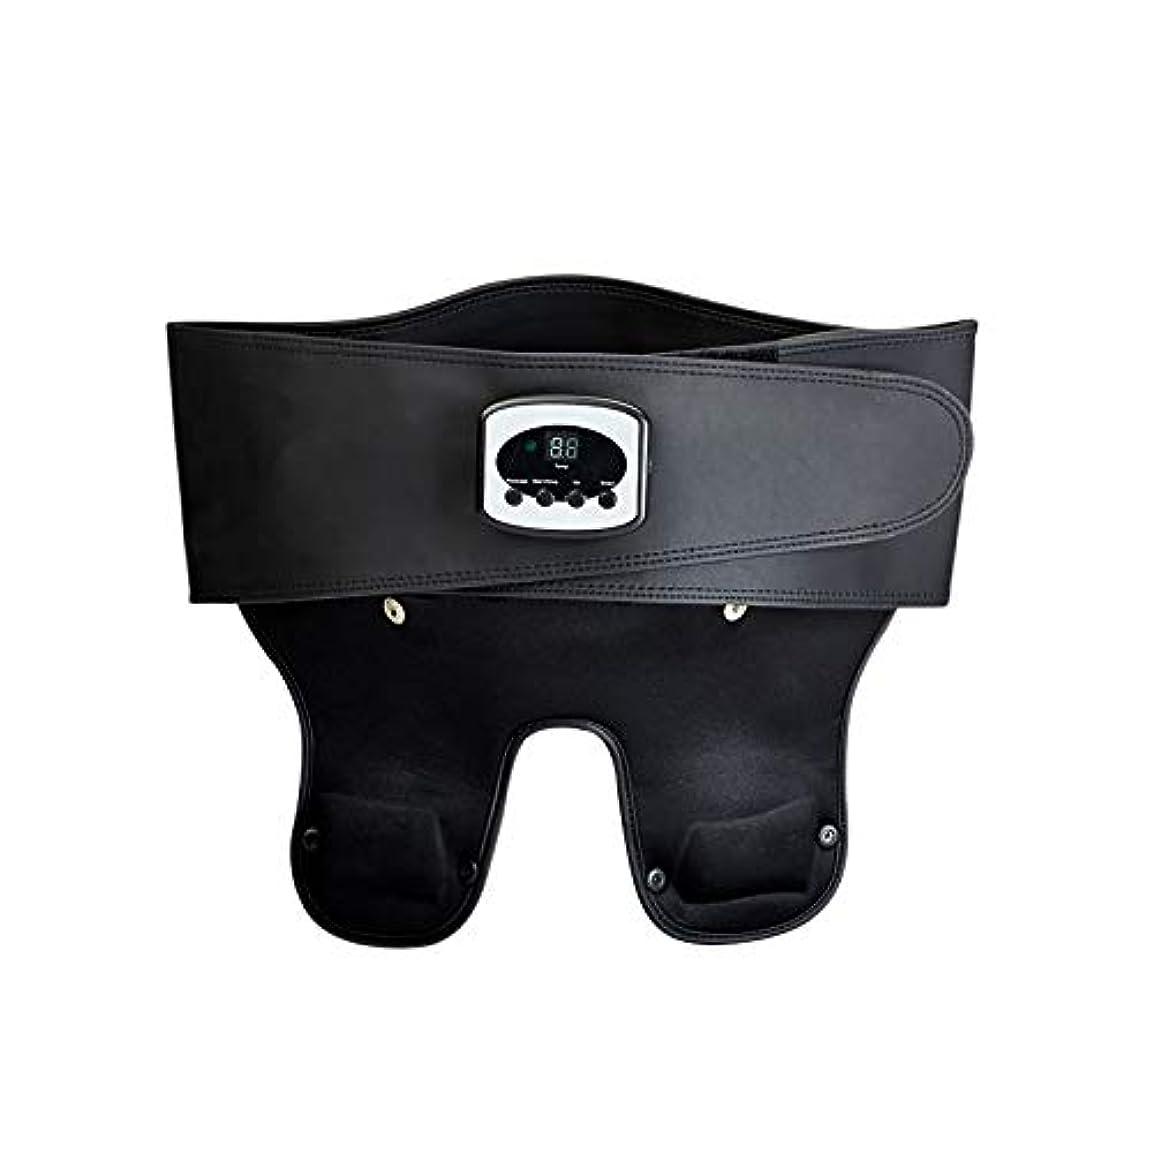 ある中性移植Healthy Waist Massager - Heat Conductor, Infrared Lights, Vibration Massage, Adjustable Temperature